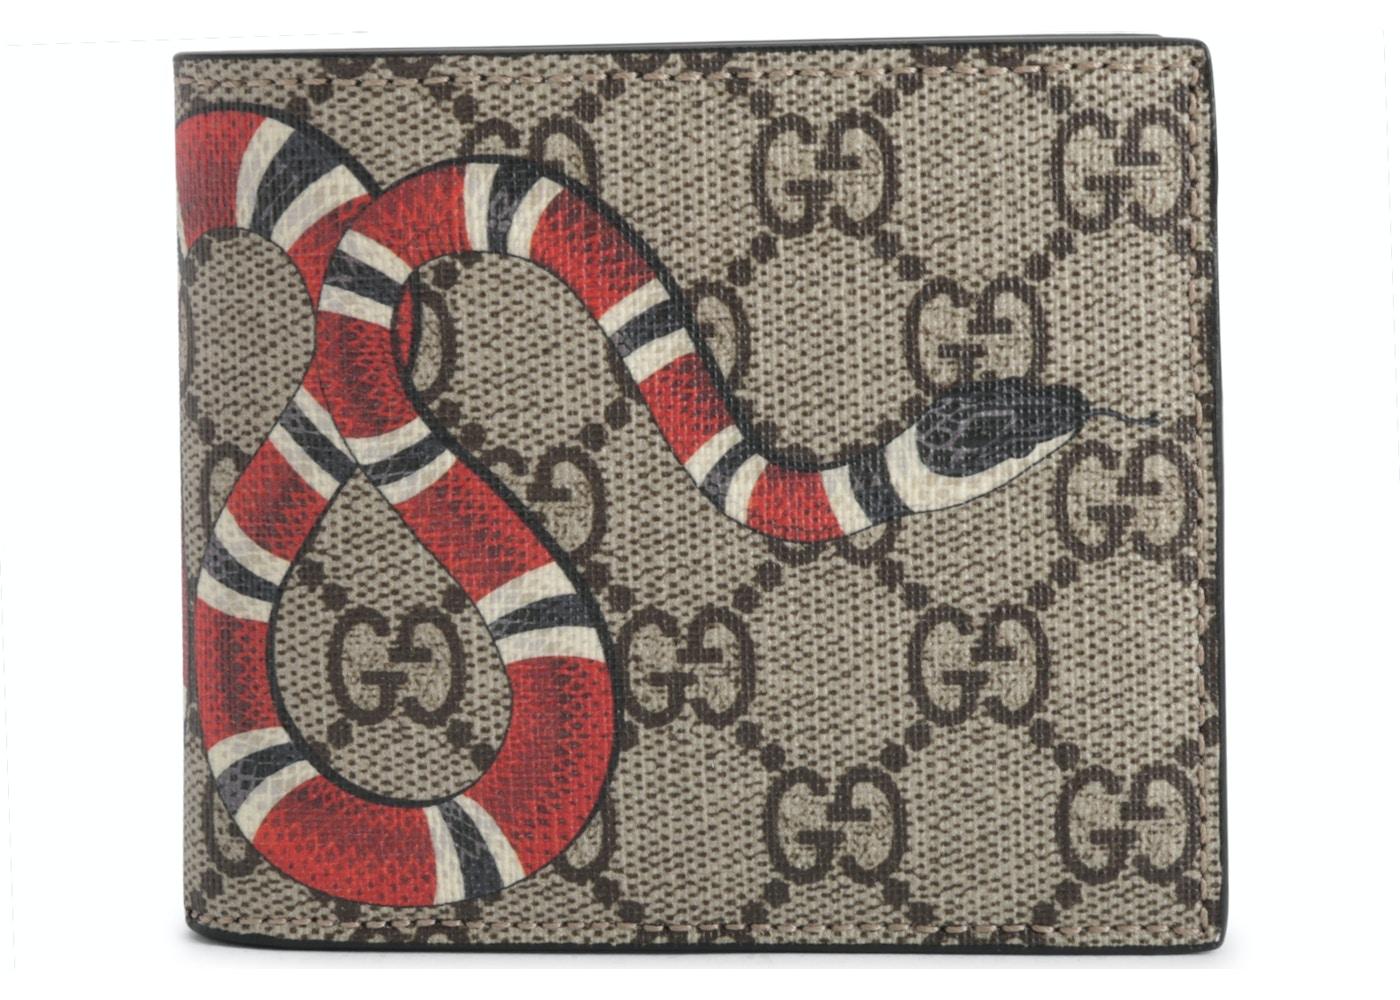 34bf4460a72 Gucci Bifold Wallet Monogram GG Supreme Kingsnake (8 Card Slots) Beige.  Monogram GG Supreme Kingsnake (8 Card Slots) Beige